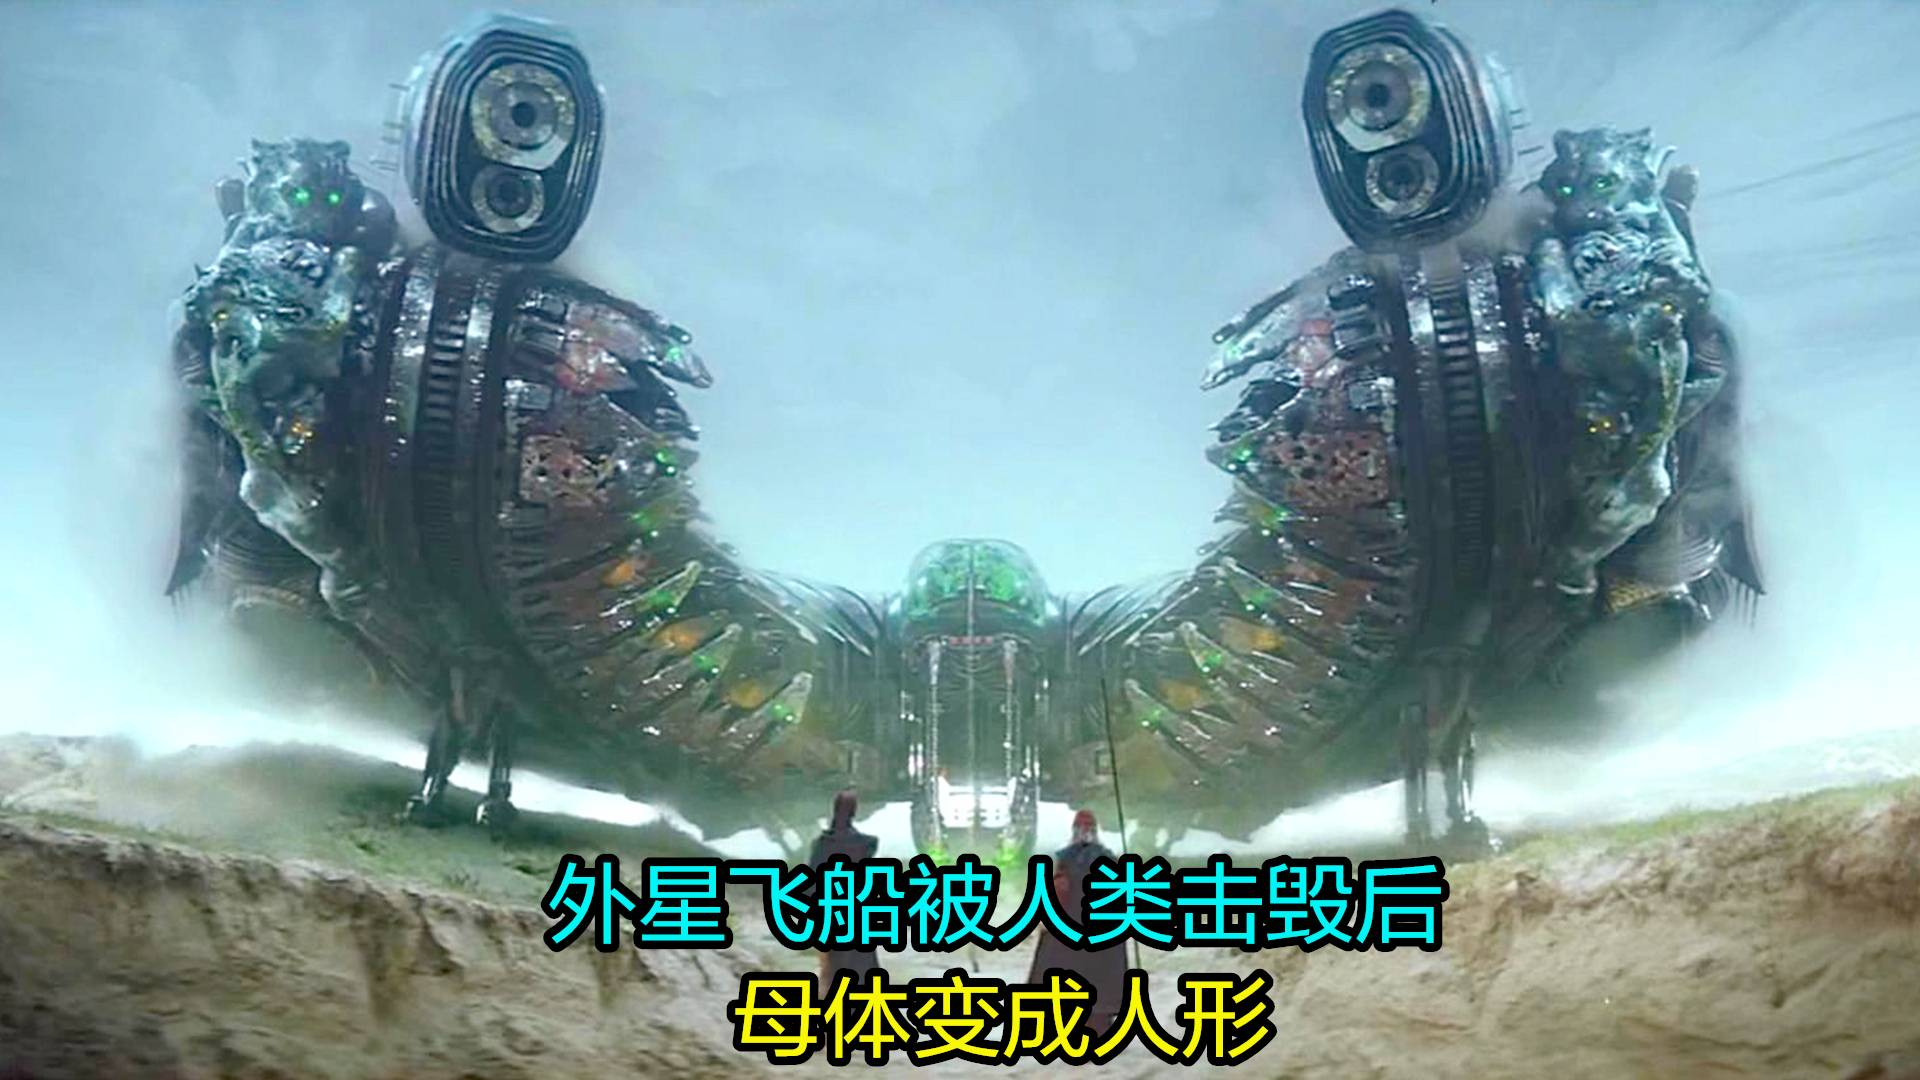 2020科幻片:人类击毁一艘外星飞船,结果外星飞船母体,变成人形